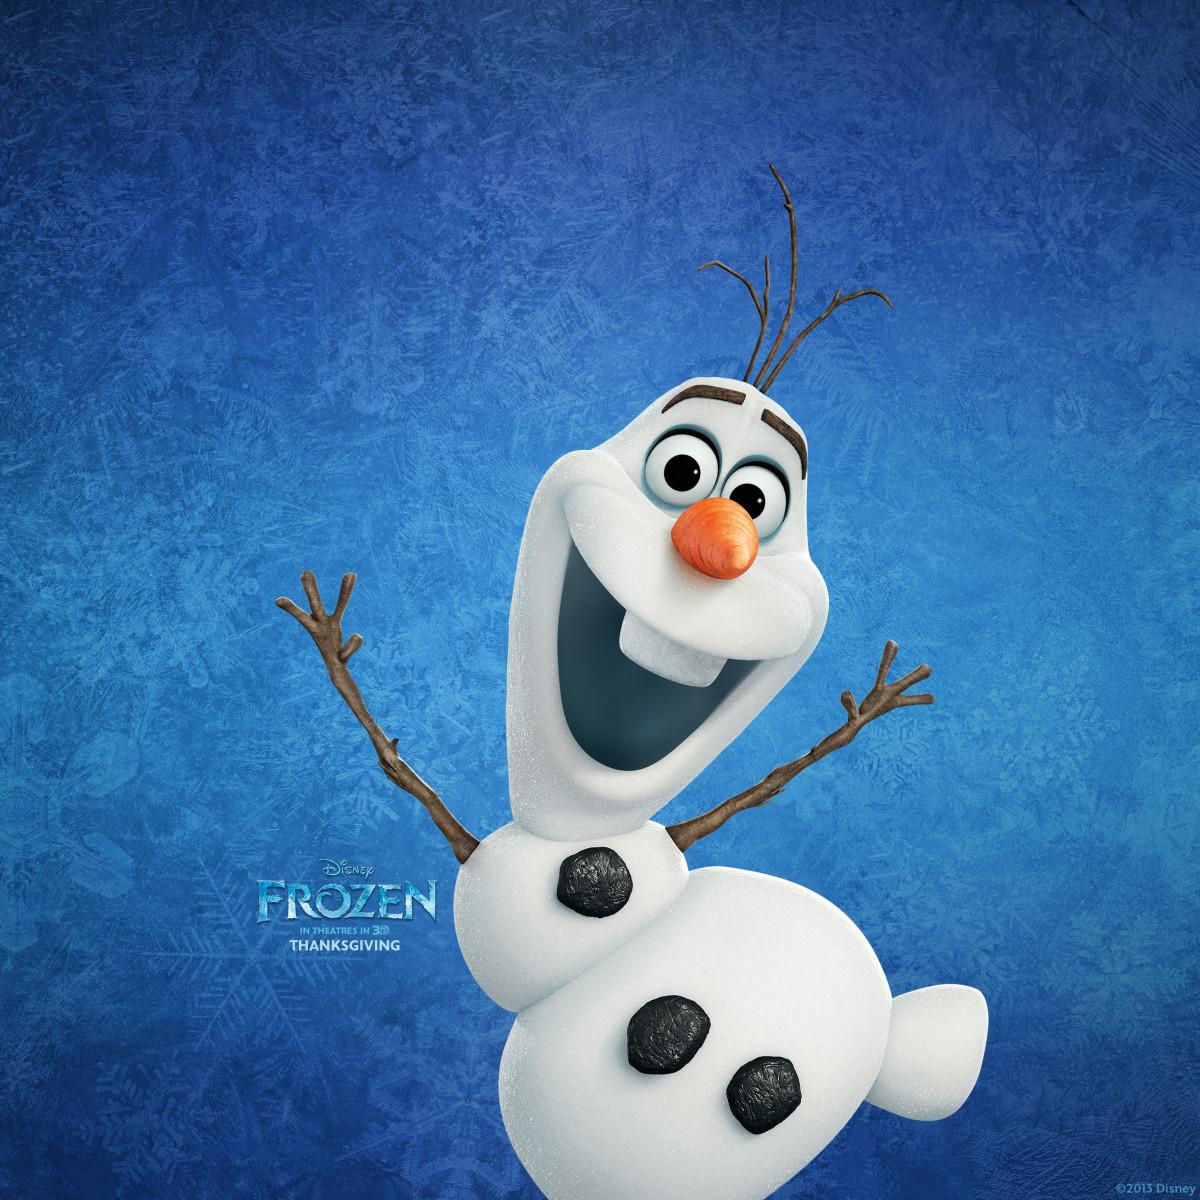 Olaf. Frozen, 2013